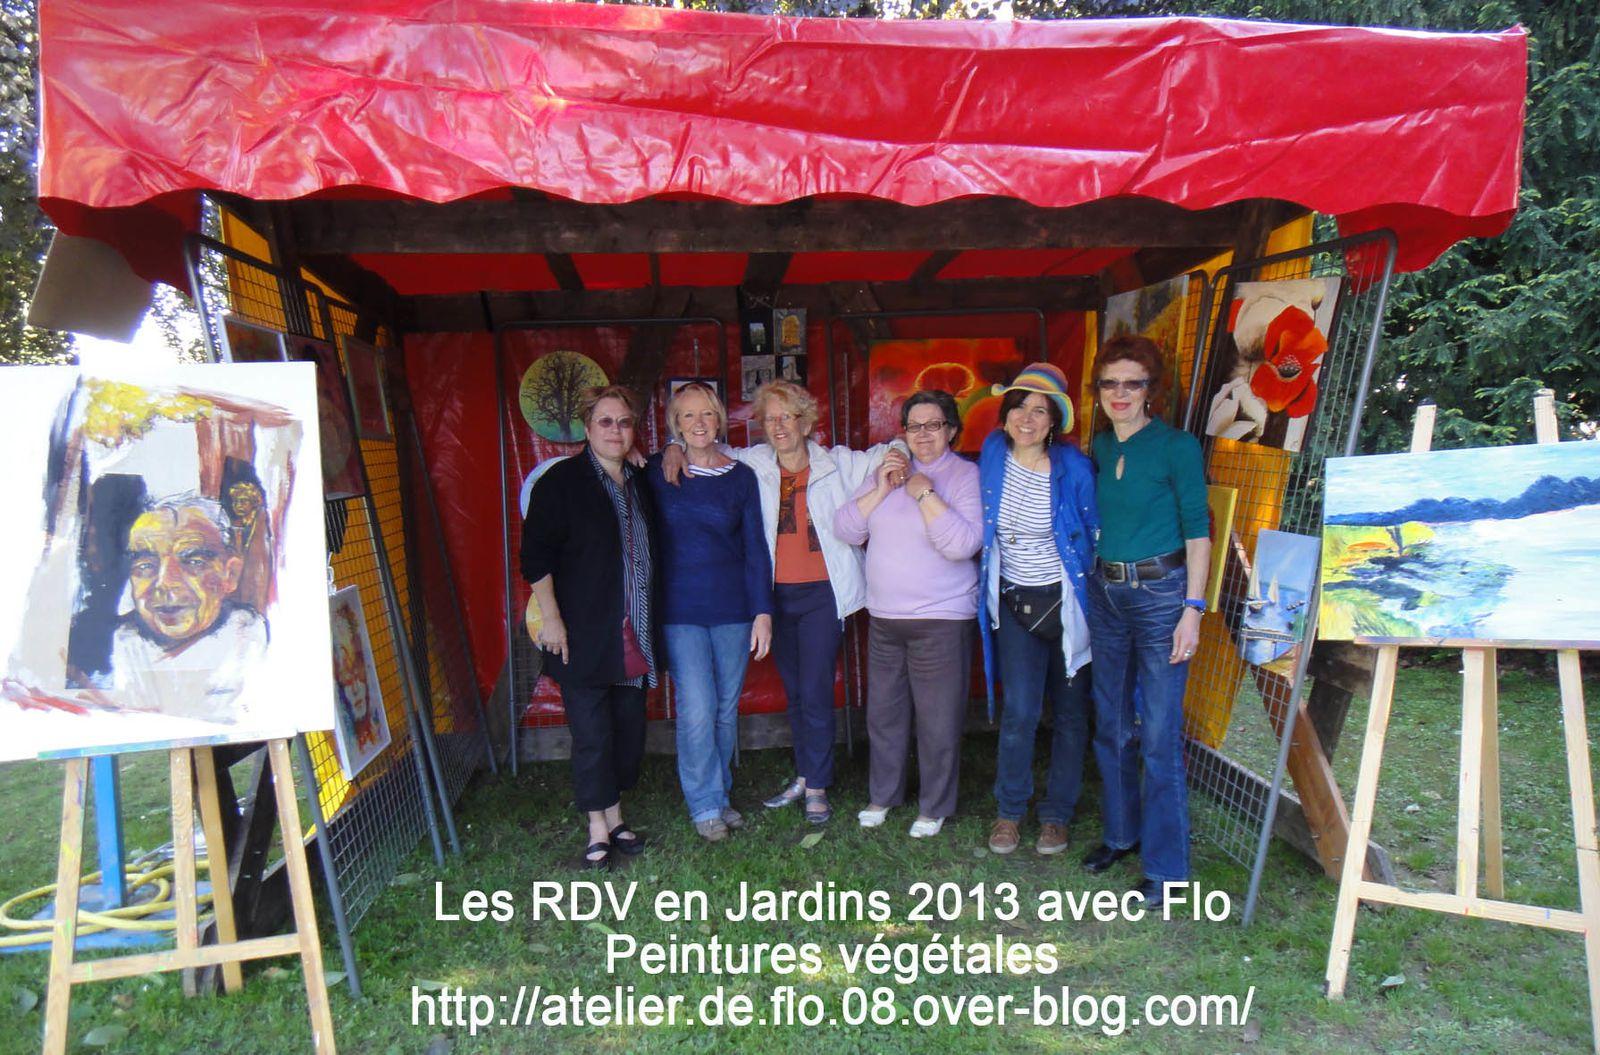 Les RDV en Jardin avec Flo et la peinture végétale